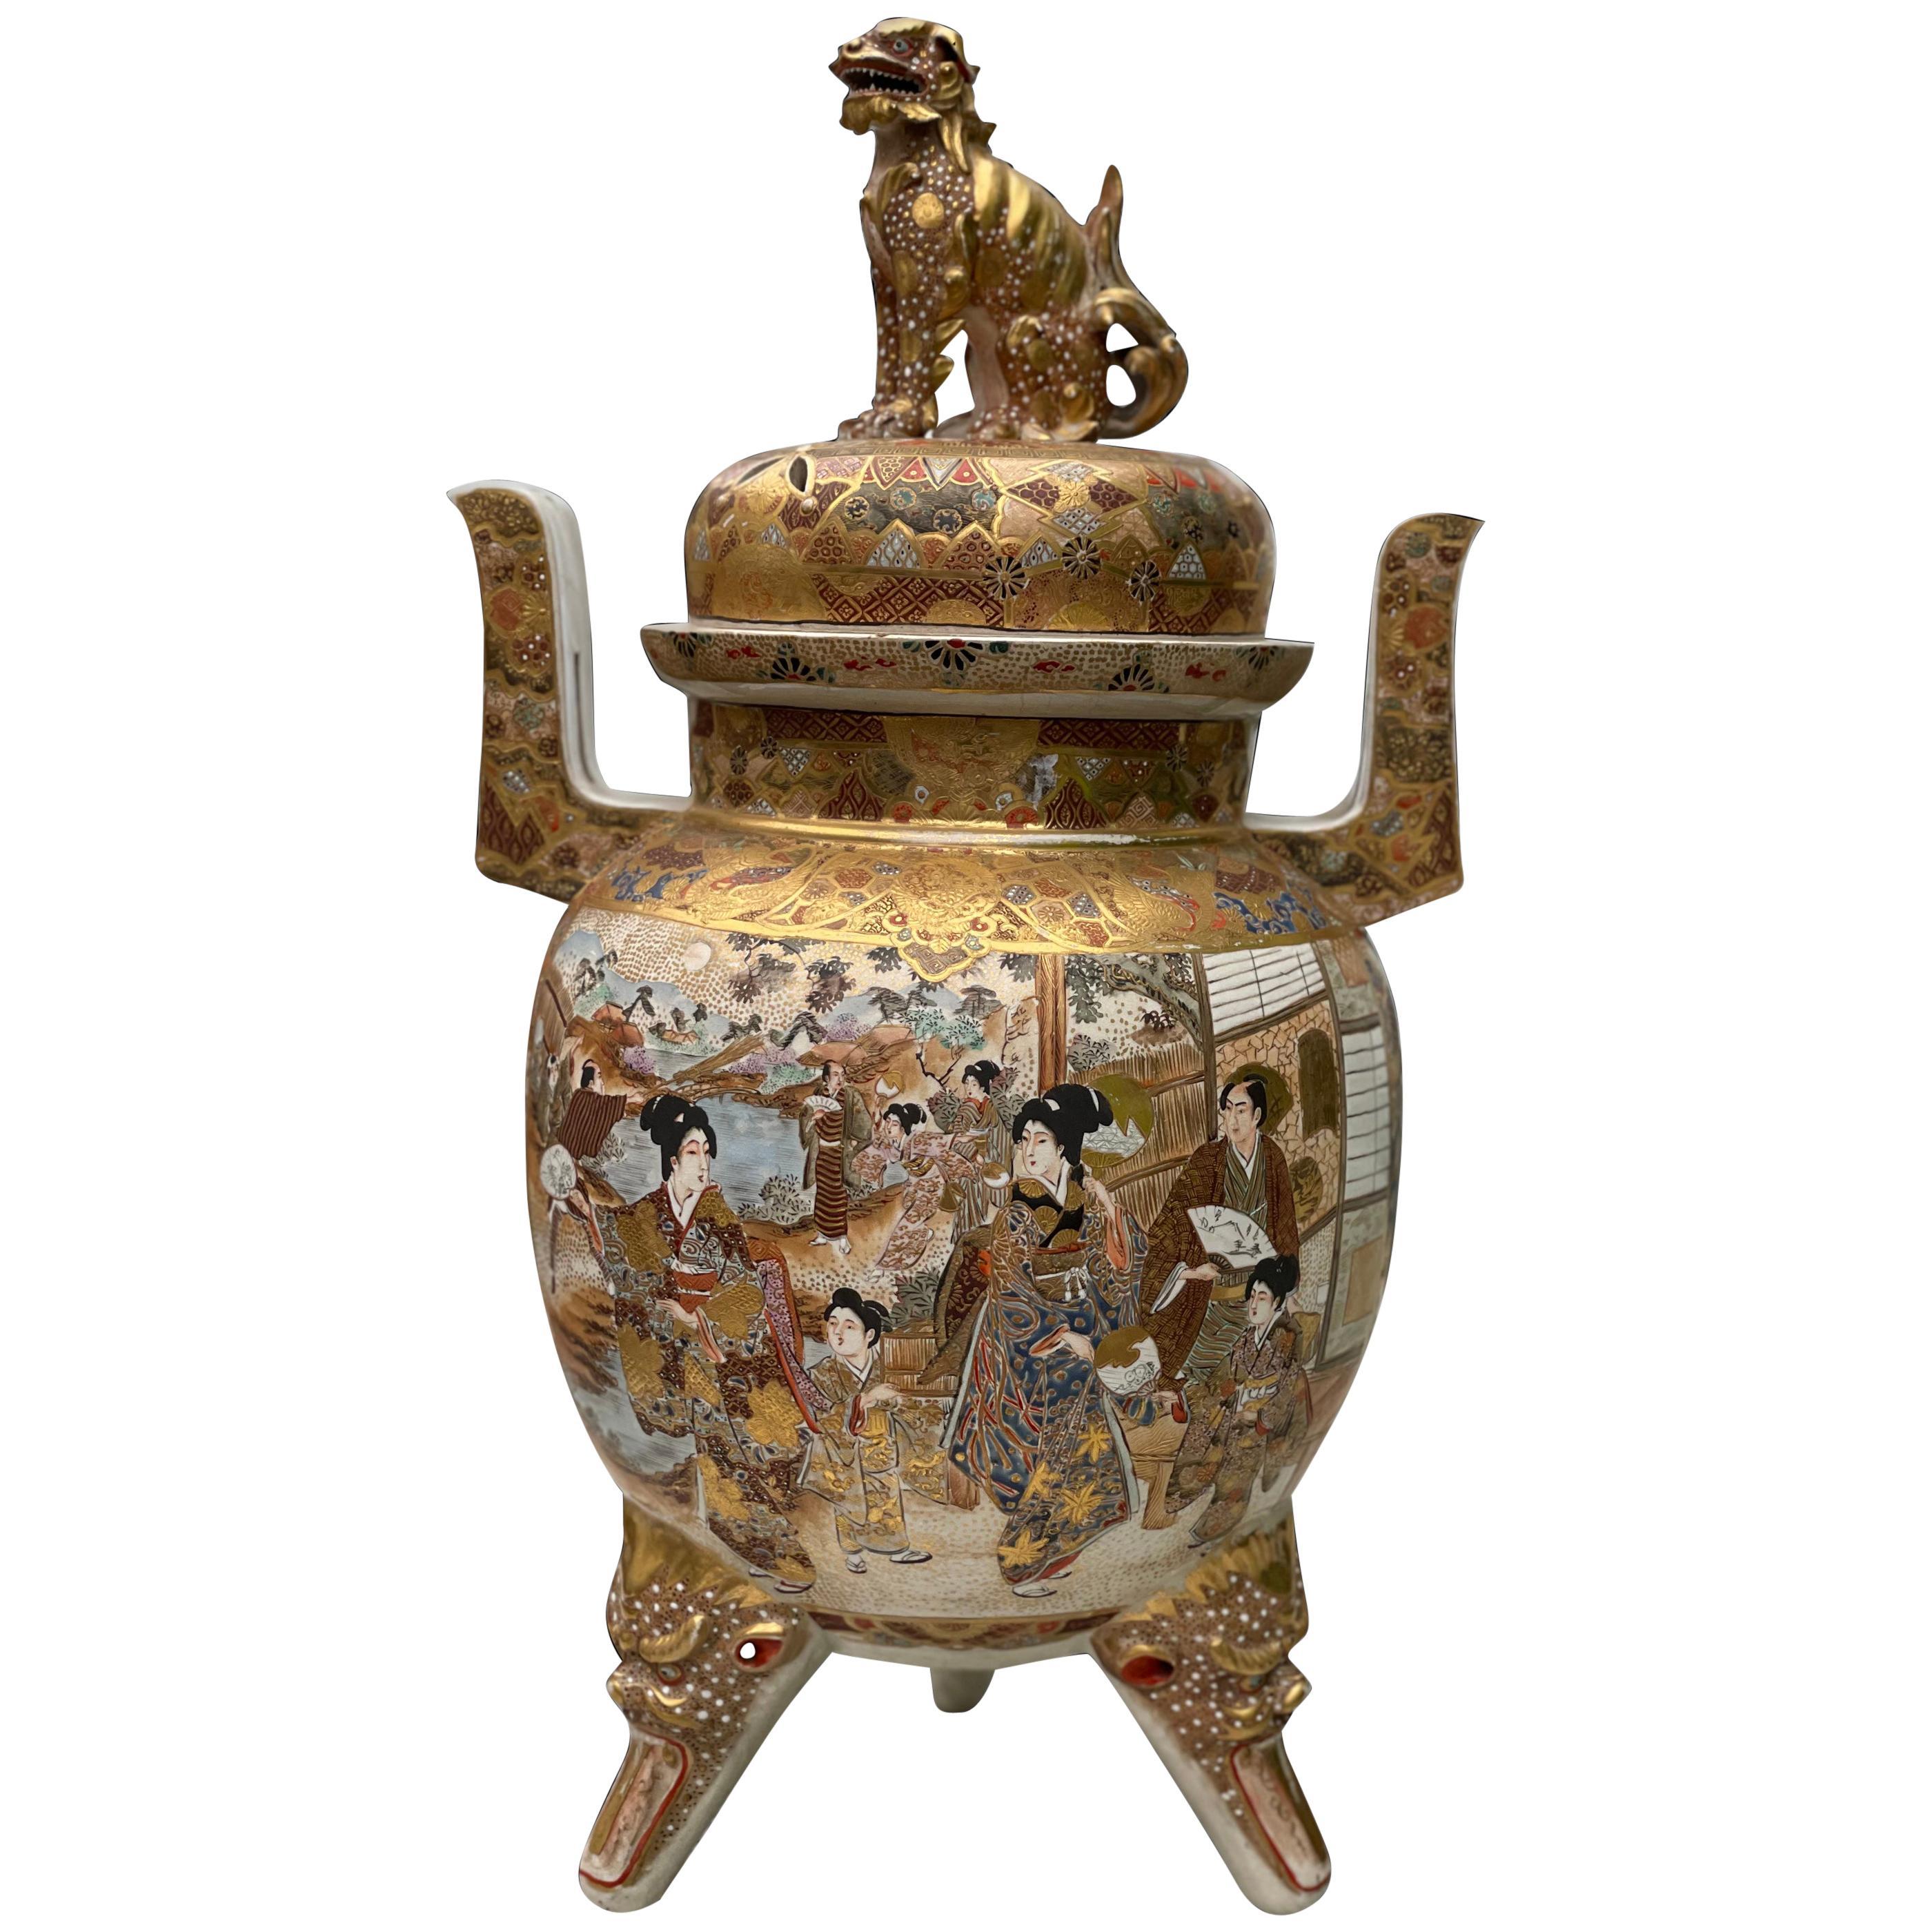 Large Antique Japanese Meiji Satsuma Covered Urn Vase with Foo Dog, 19th Century